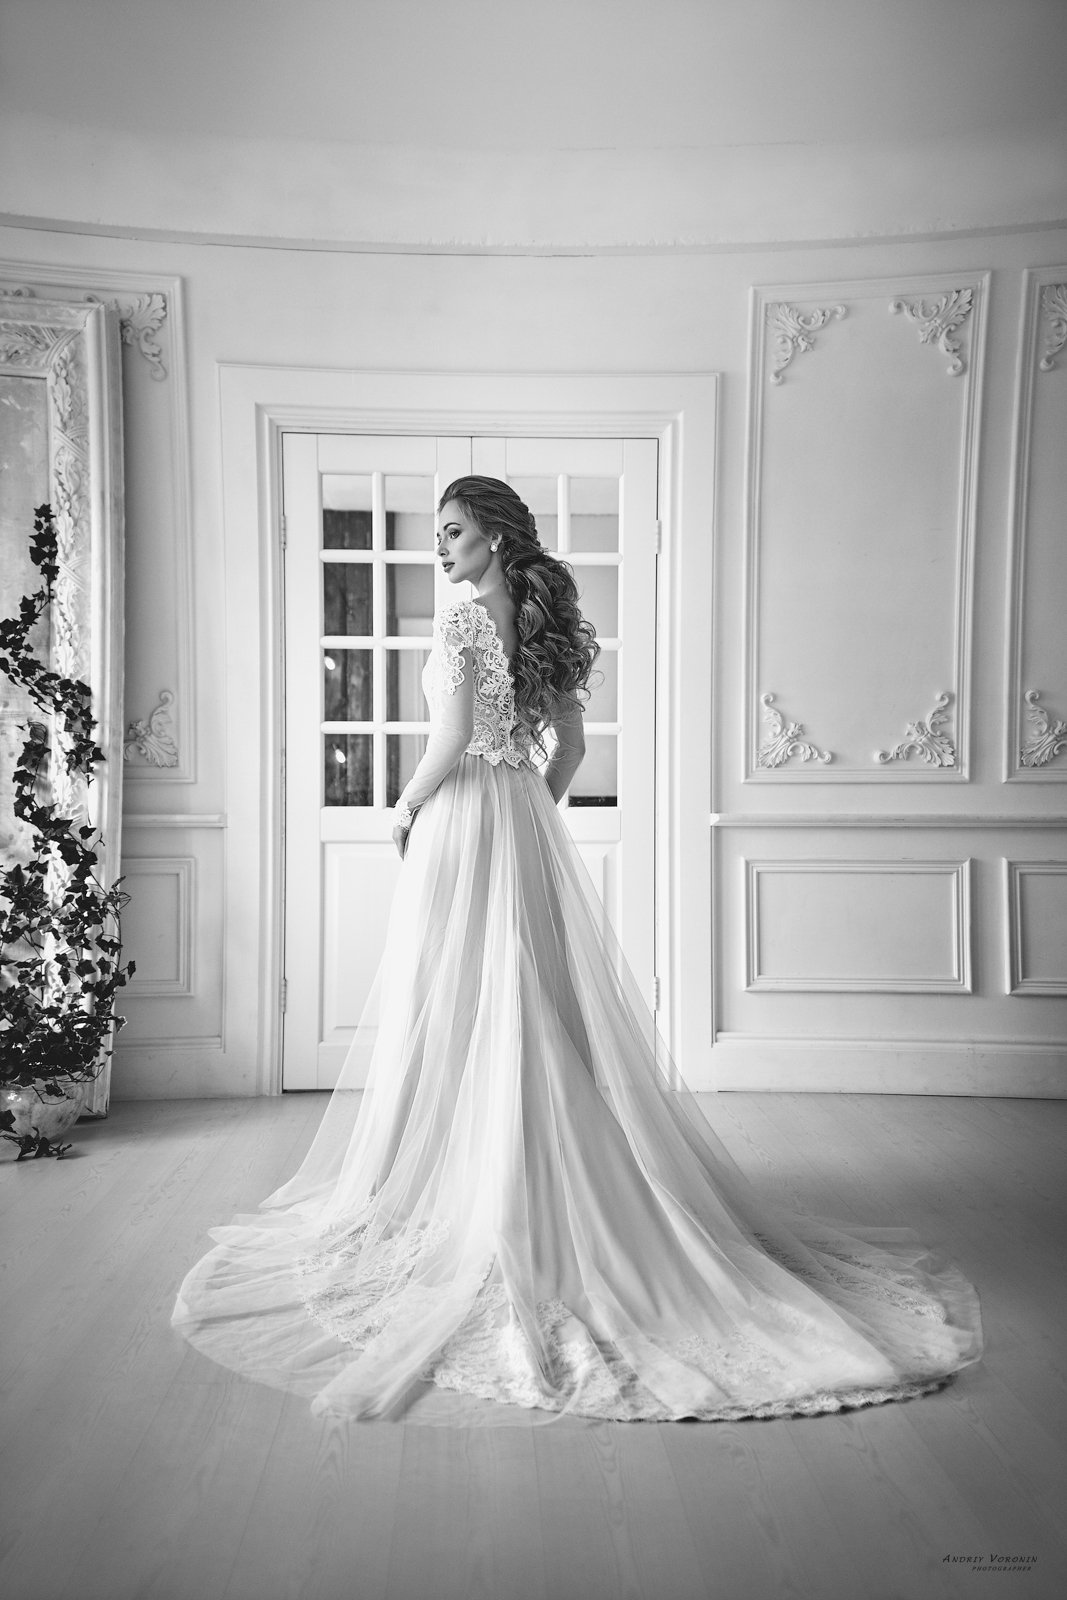 свадьба,модель,платье,стиль,красота,девушка,черно-белое,, Воронин Андрей